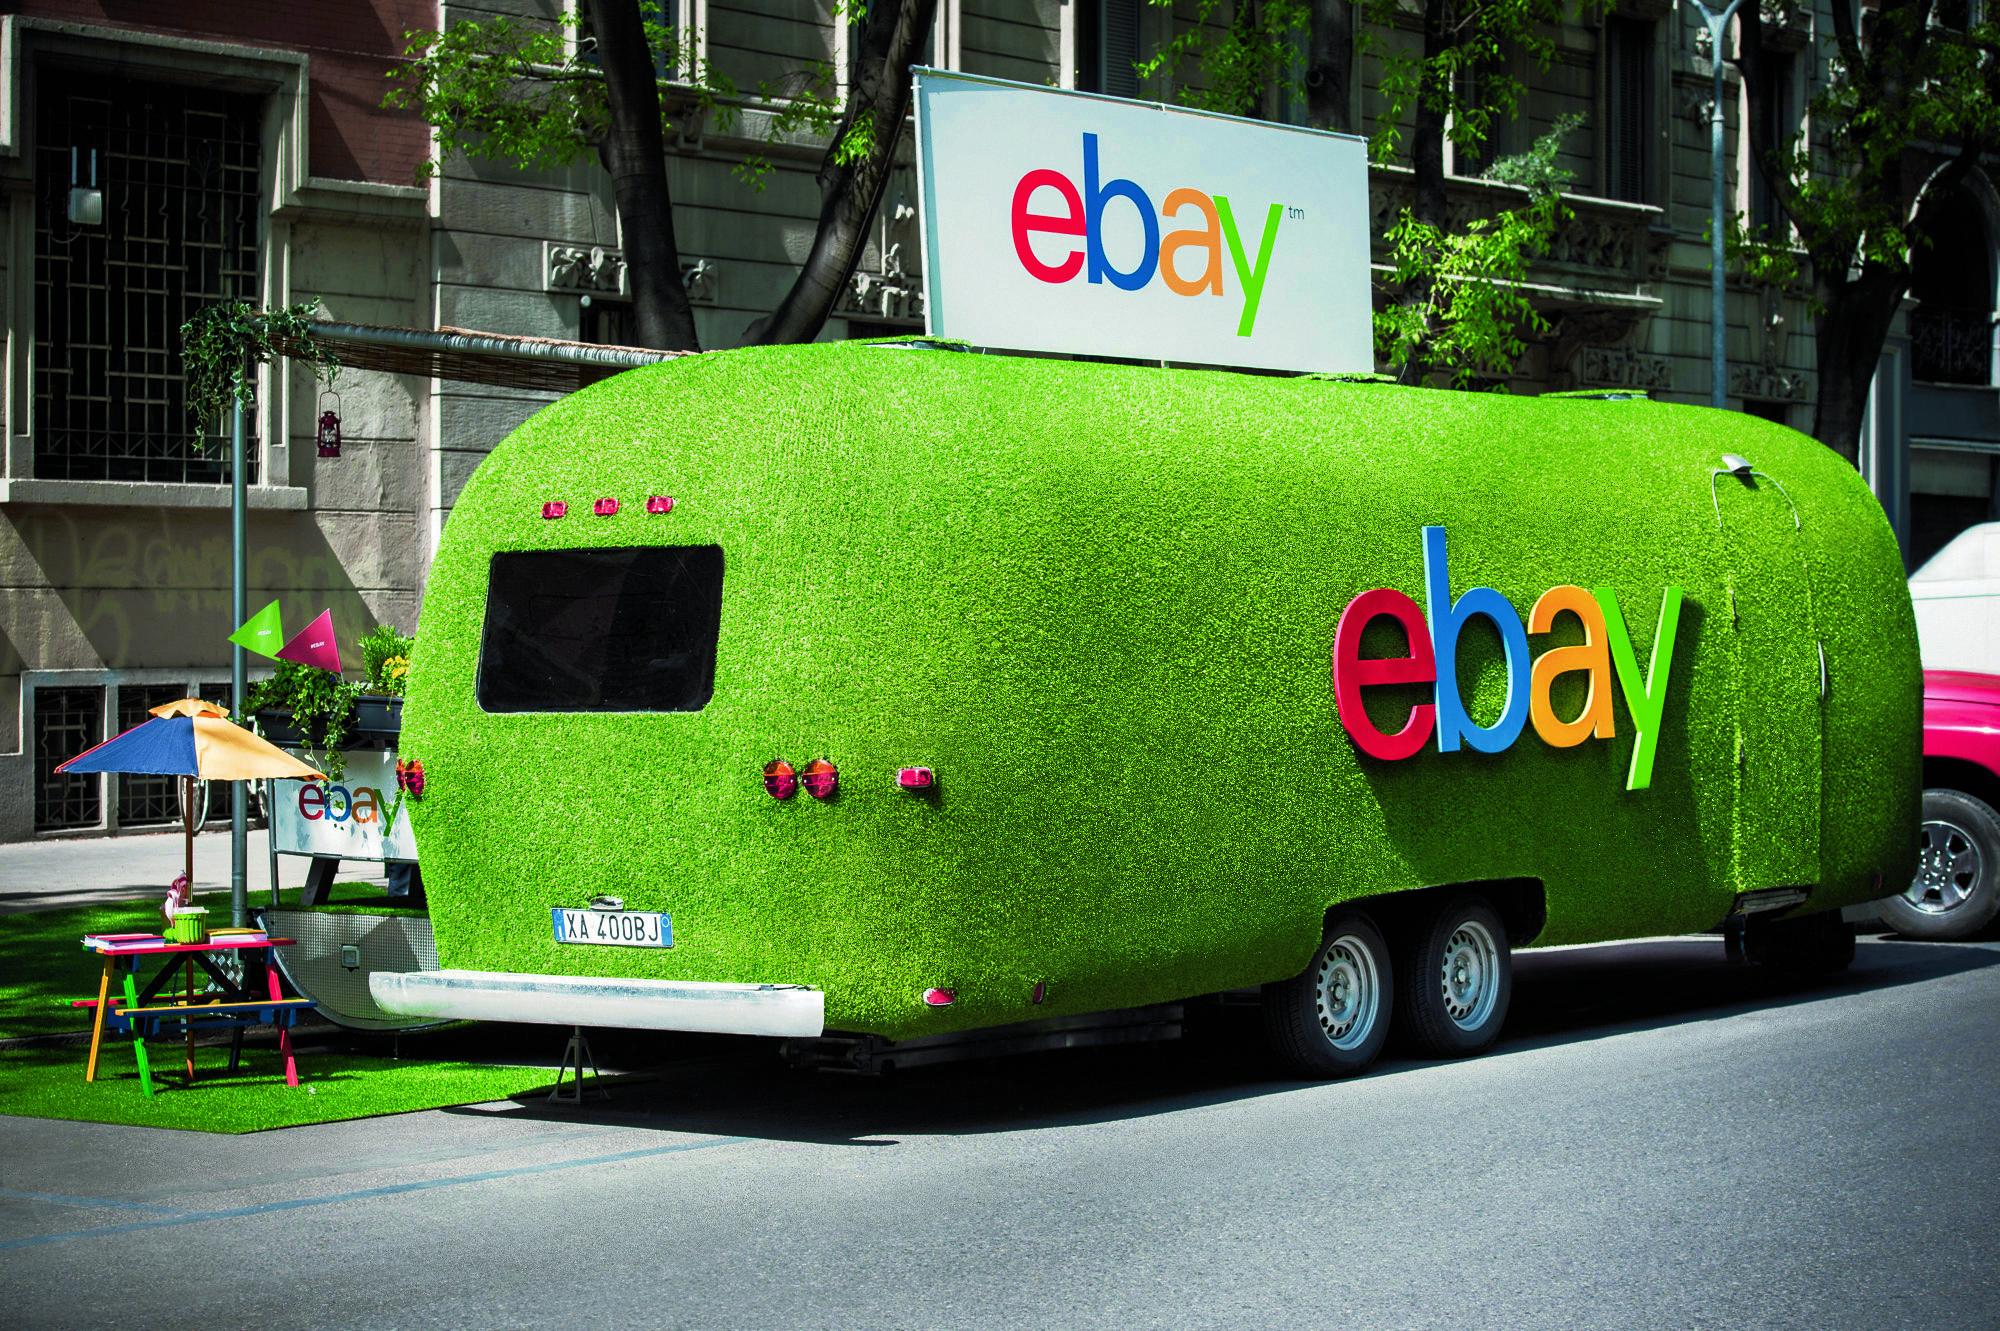 Giardino mobile ebay al fuorisalone 2015 ebay inc for Mobile giardino